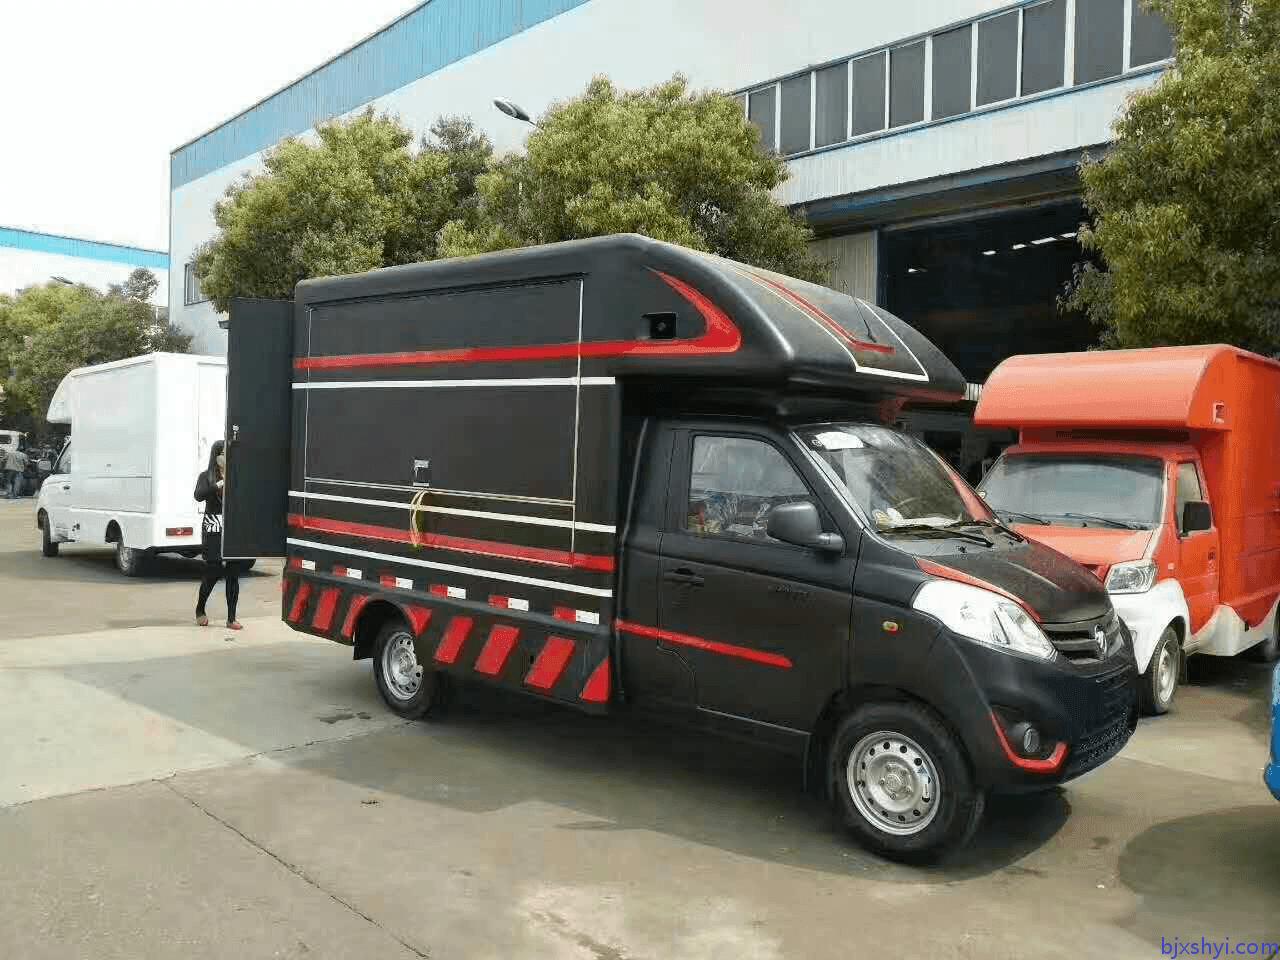 【IKS战车】售货车搭载6人实感射击【强烈推荐】